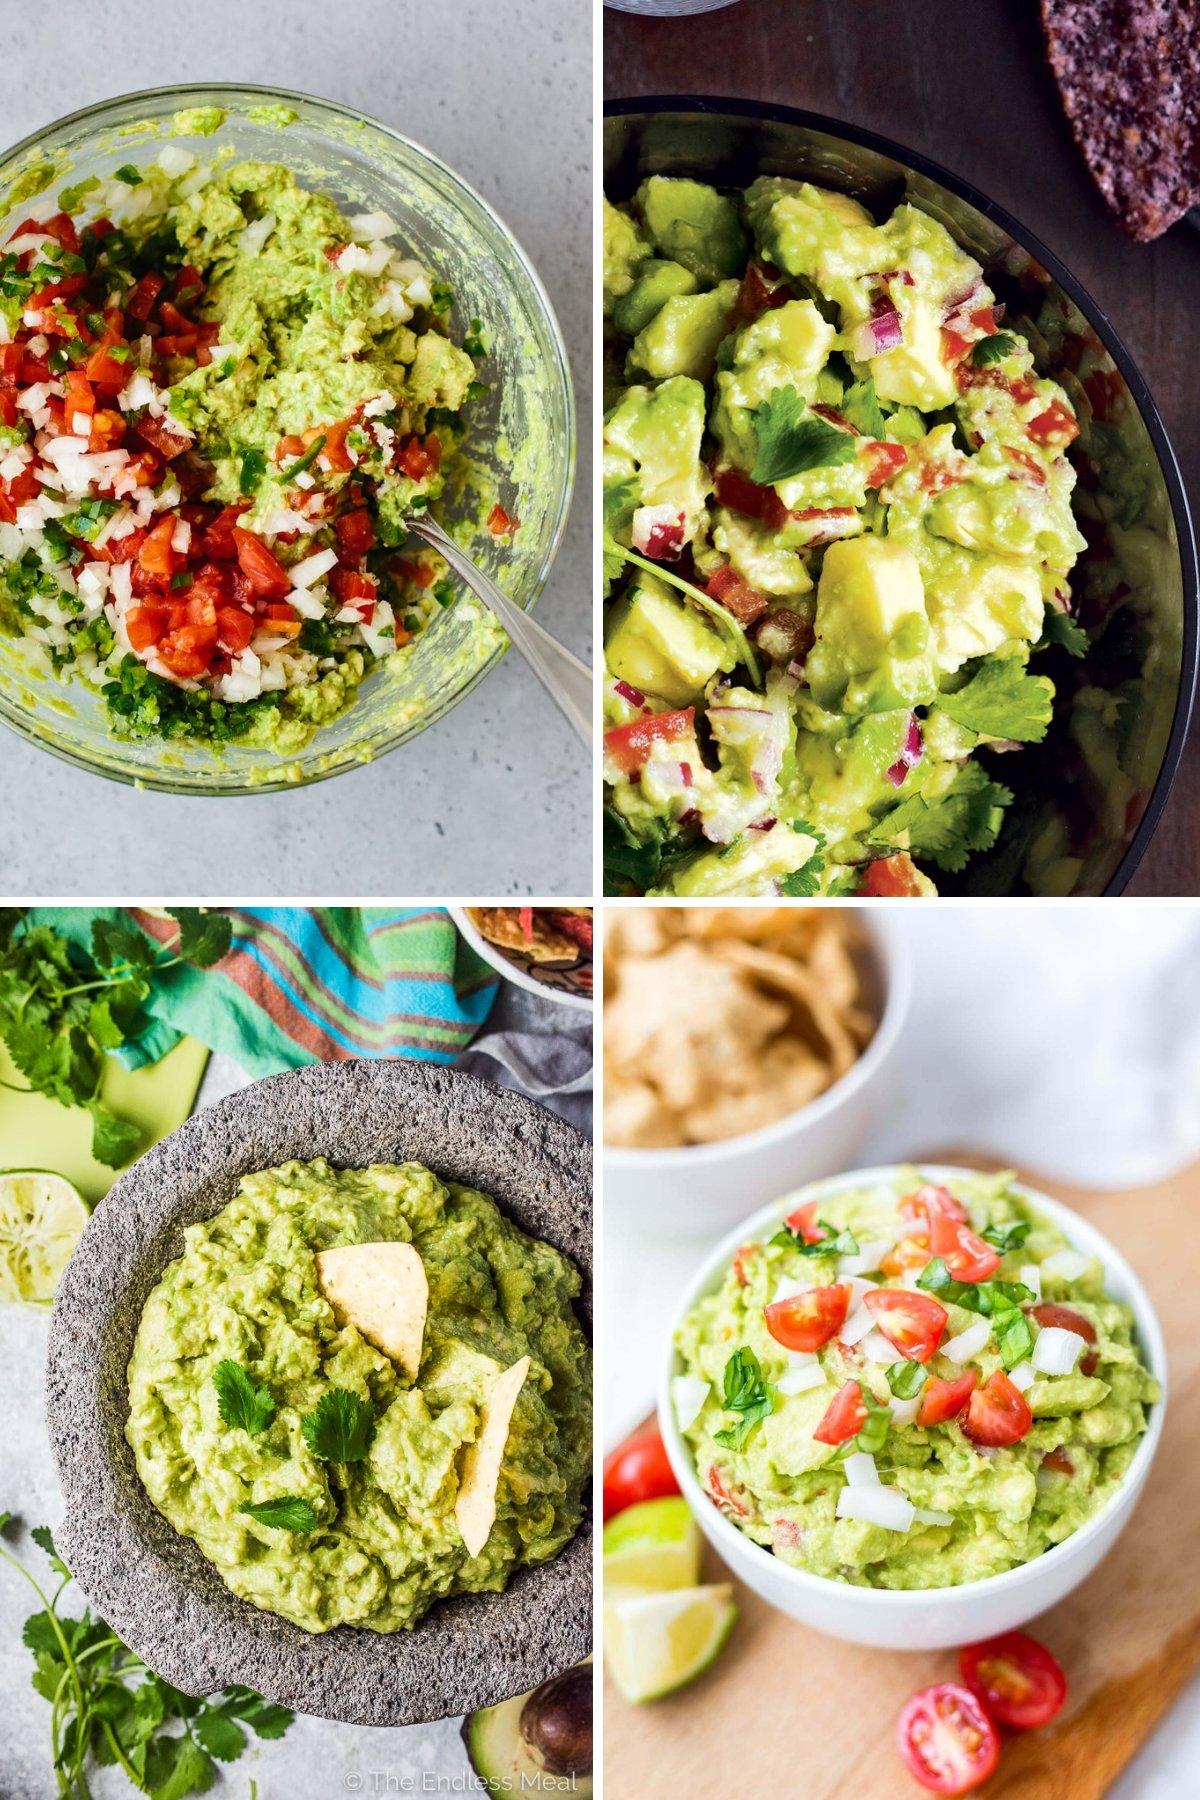 The Ultimate Guide to Guacamole ~ Classic guacamole recipes